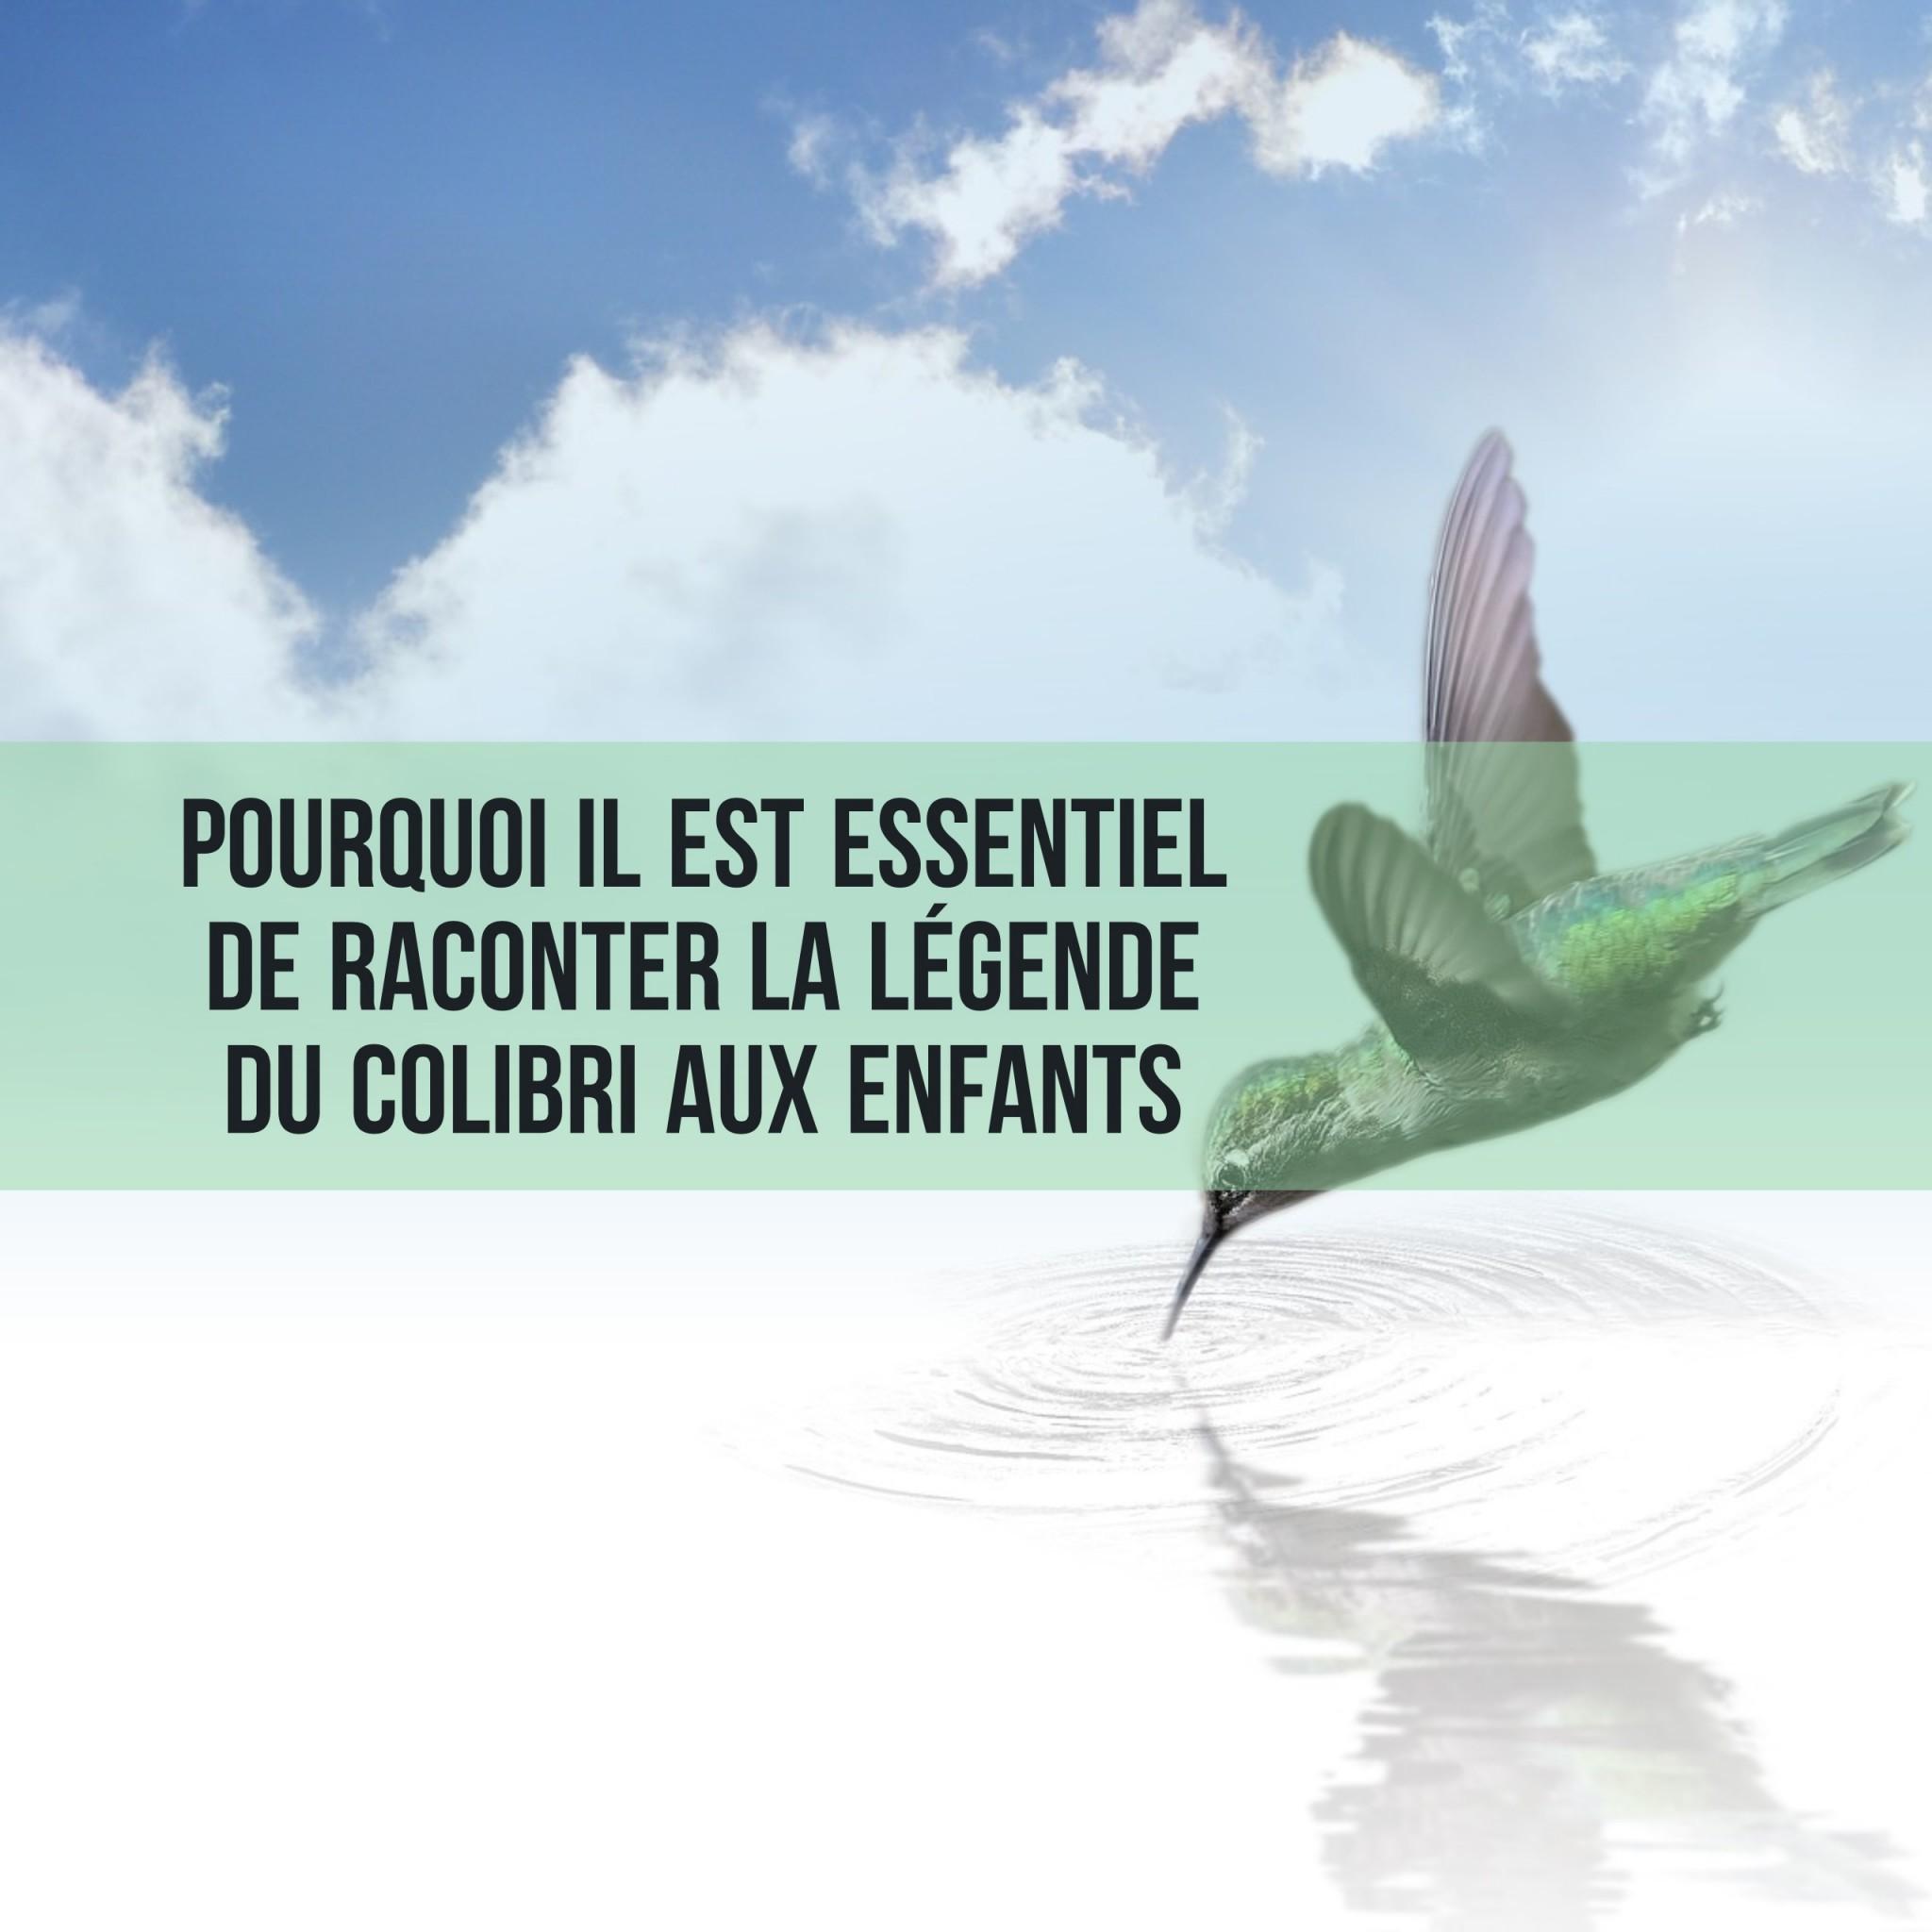 Pourquoi il est essentiel de raconter la légende du colibri aux enfants